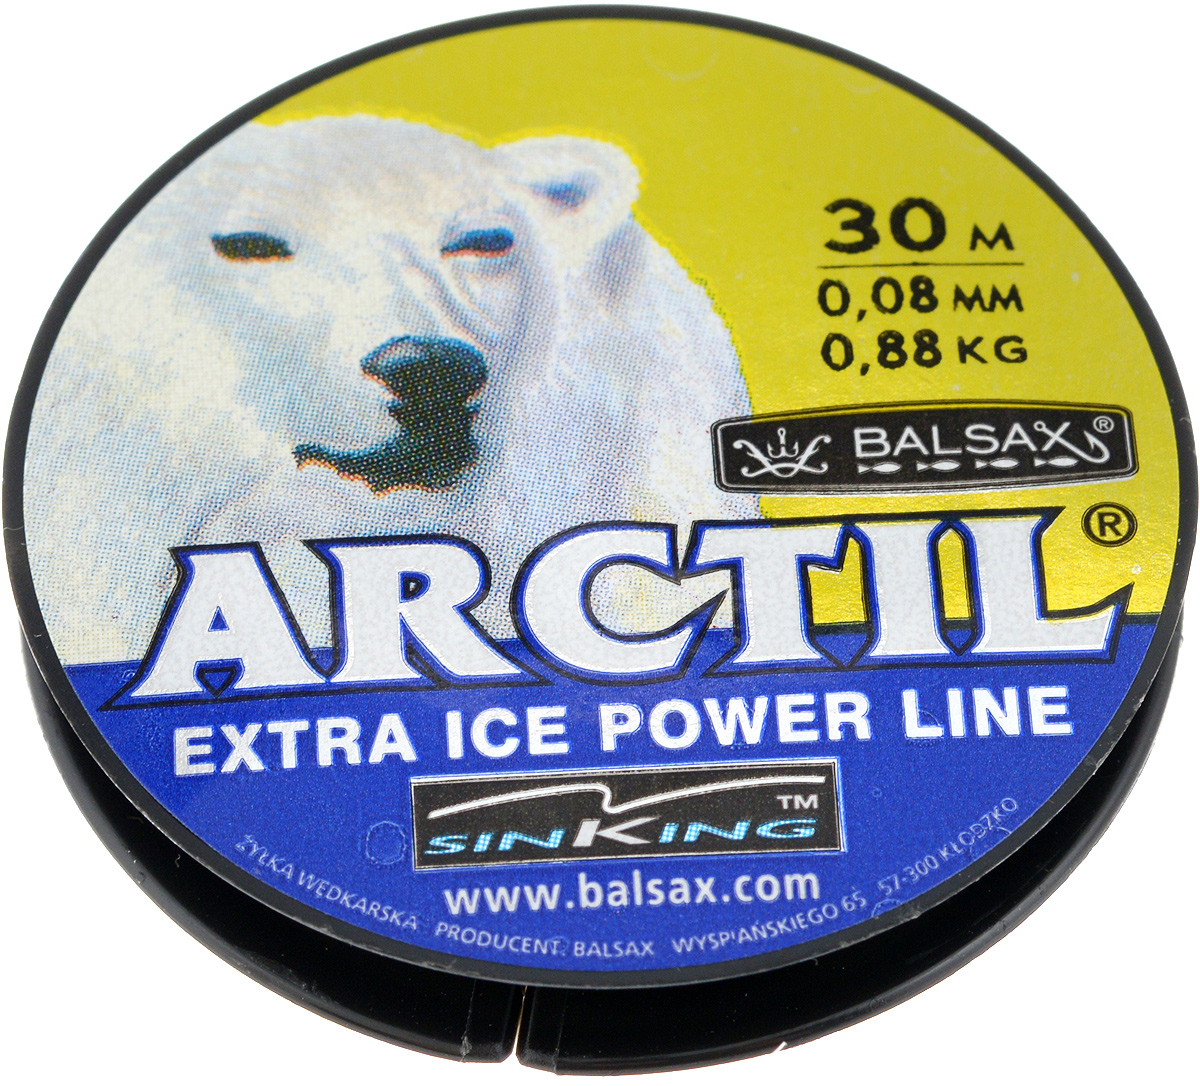 Леска зимняя Balsax Arctil, 30 м, 0,08 мм, 0,88 кг312-07008Леска Balsax Arctil изготовлена из 100% нейлона и очень хорошо выдерживает низкие температуры. Даже в самом холодном климате, при температуре вплоть до -40°C, она сохраняет свои свойства практически без изменений, в то время как традиционные лески становятся менее эластичными и теряют прочность.Поверхность лески обработана таким образом, что она не обмерзает и отлично подходит для подледного лова. Прочна в местах вязки узлов даже при минимальном диаметре.